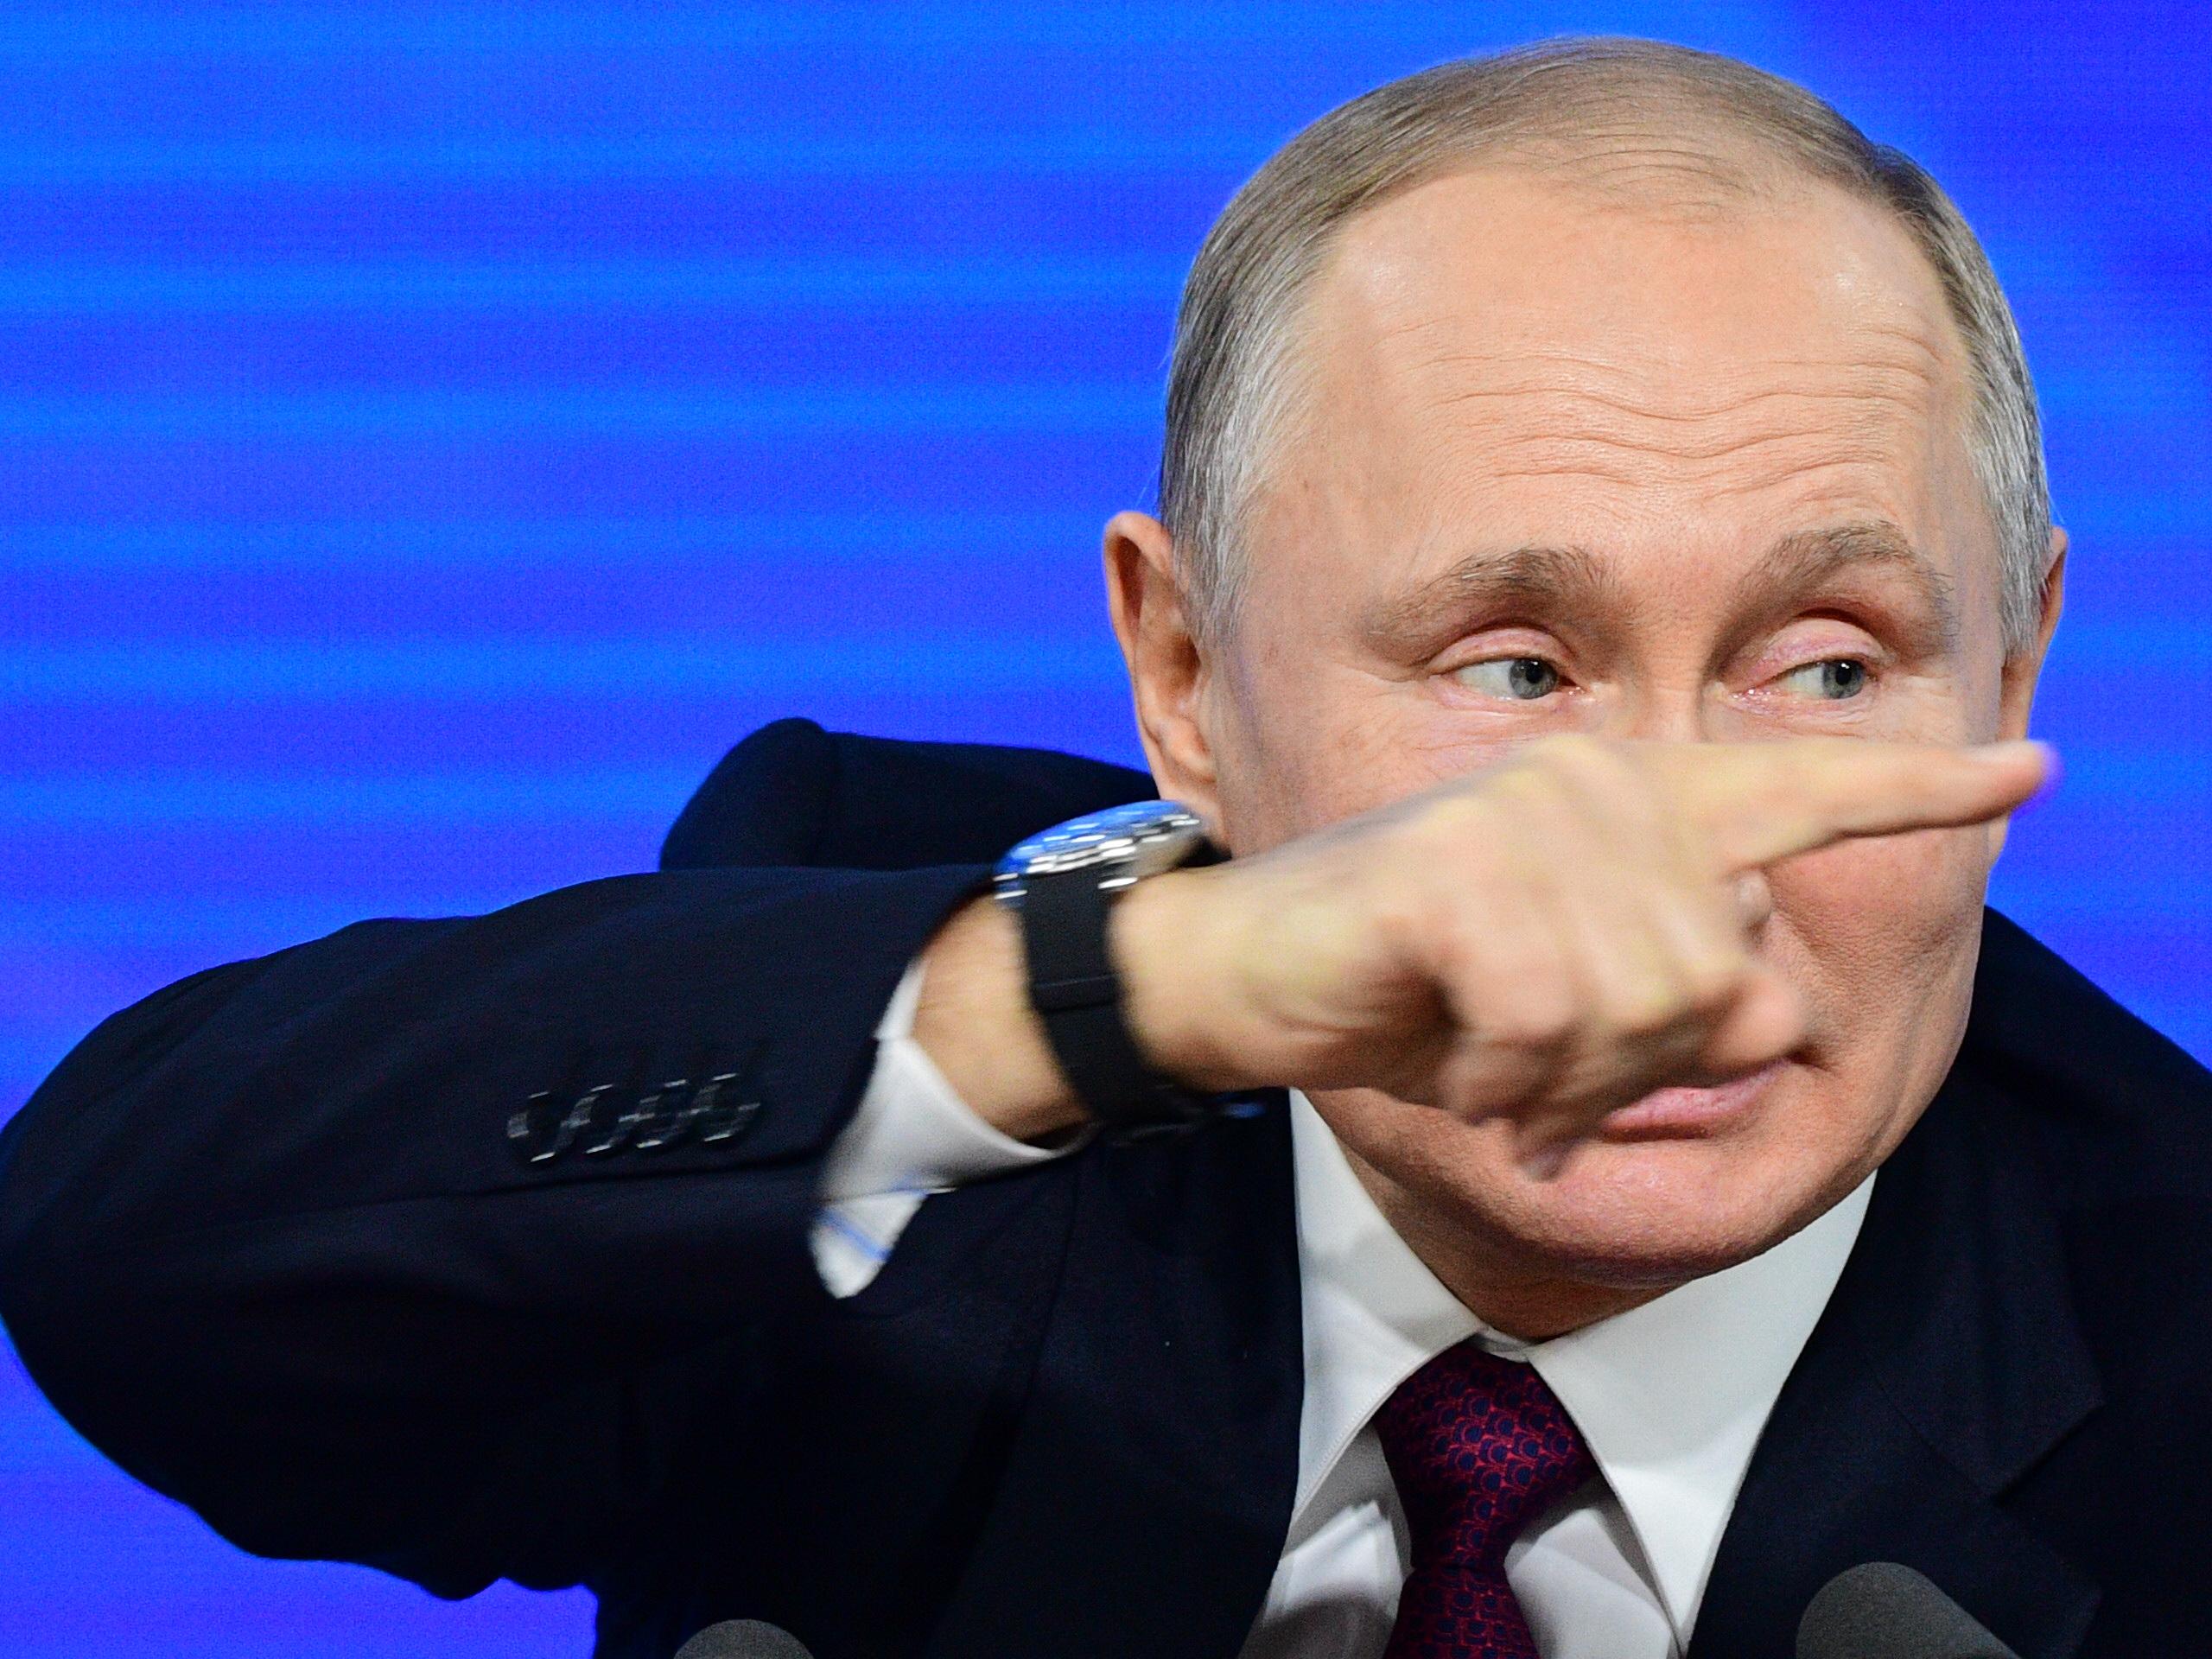 Az évszázad végéig ki fog tartani Oroszországban a putyinizmus Putyin tanácsadója szerint